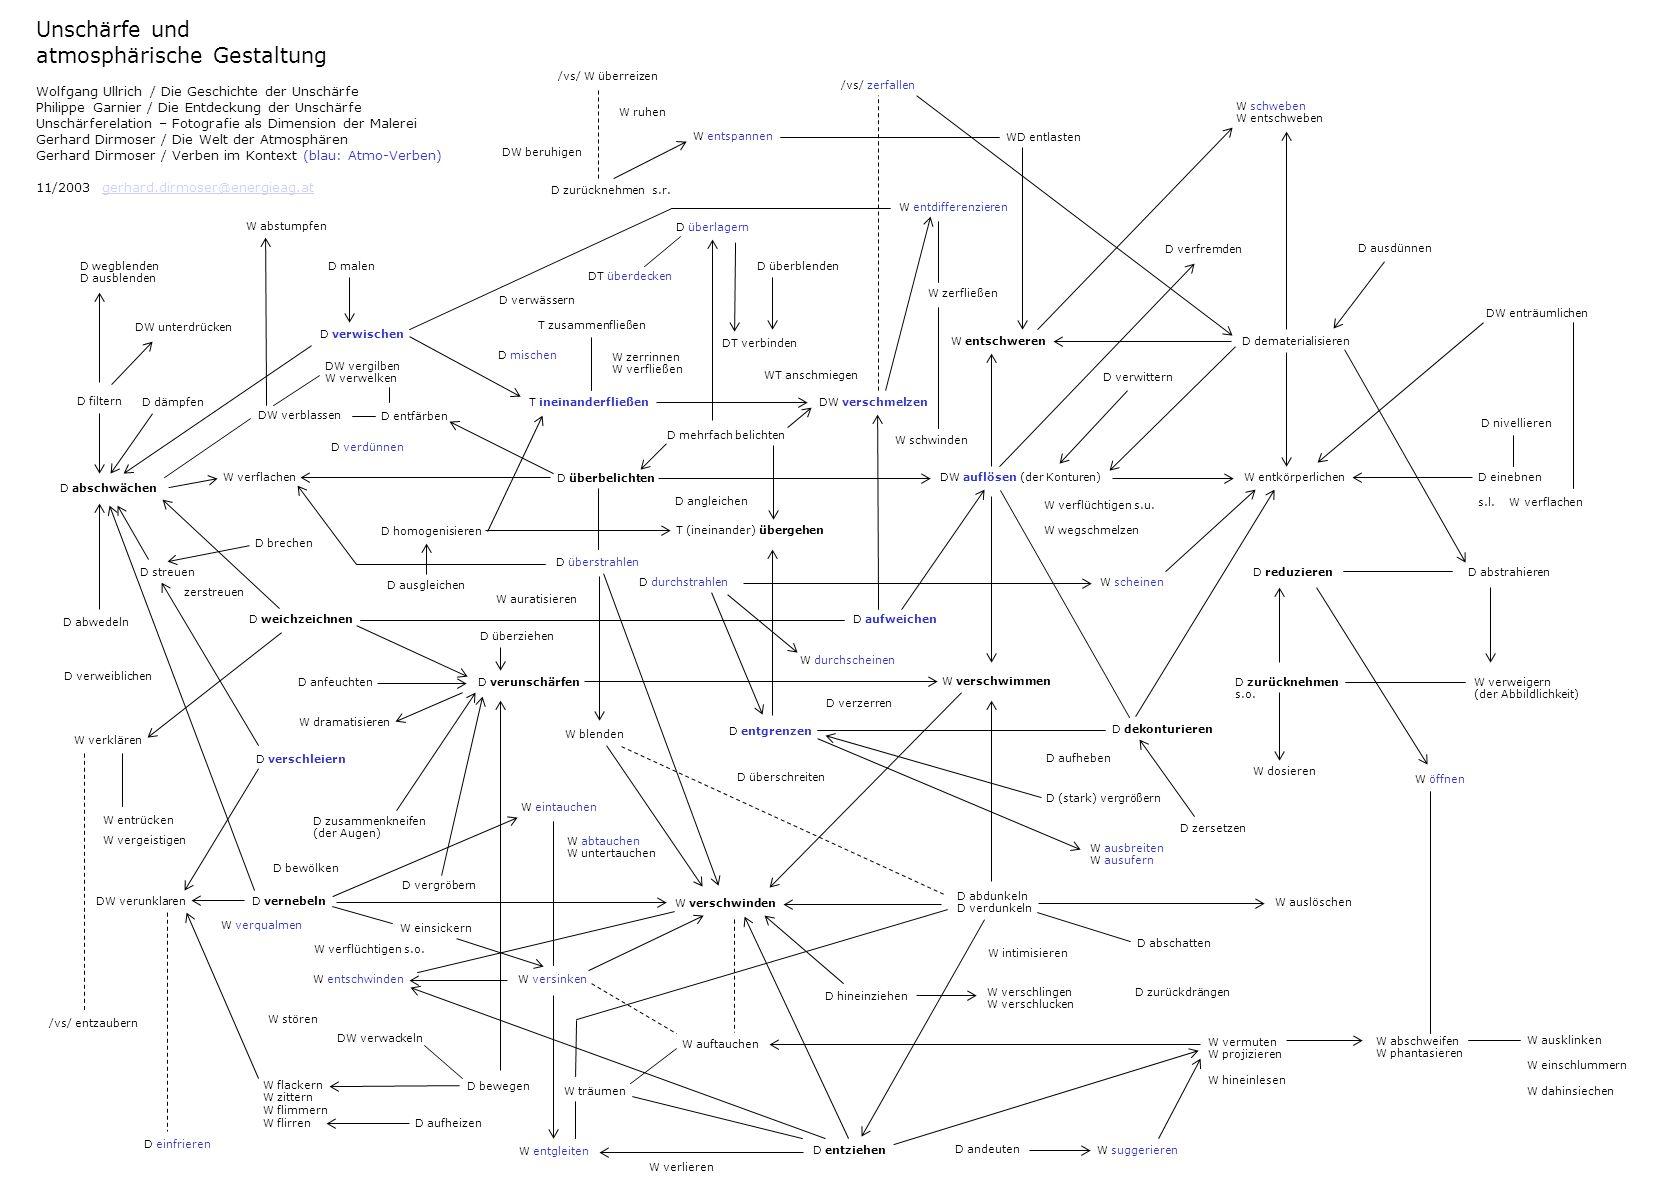 Licht- & Farbwirkung und atmosphärische Gestaltung Gerhard Dirmoser / Die Welt der Atmosphären Gerhard Dirmoser / Verben im Kontext Vergl.